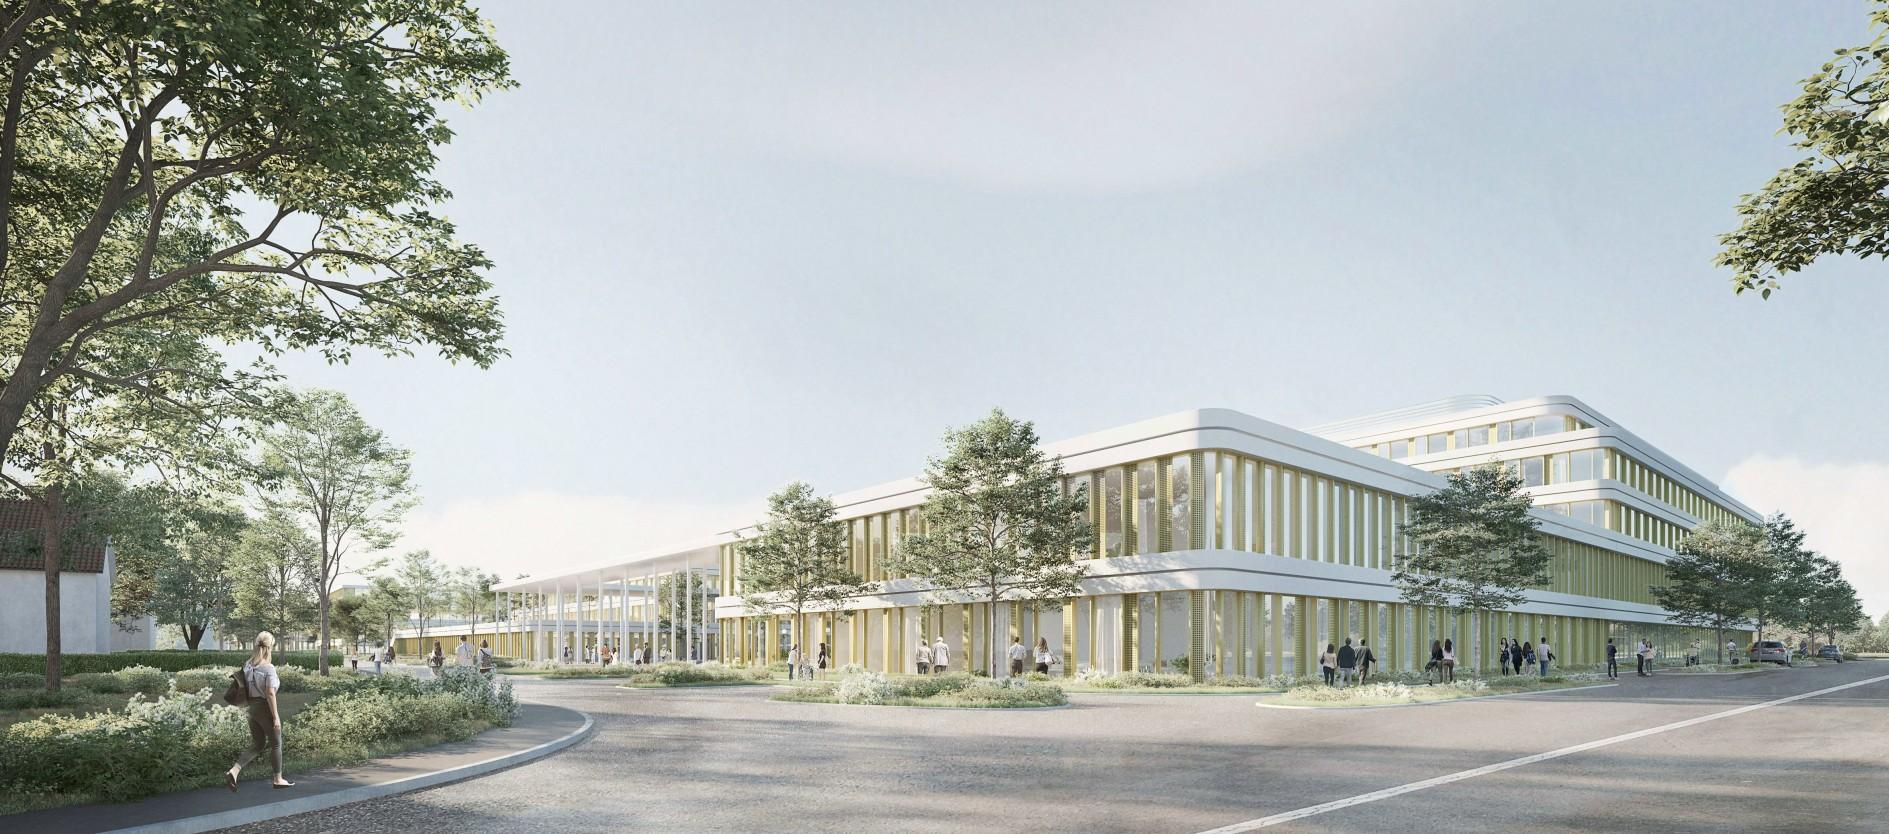 Hôpital Yverdon 2